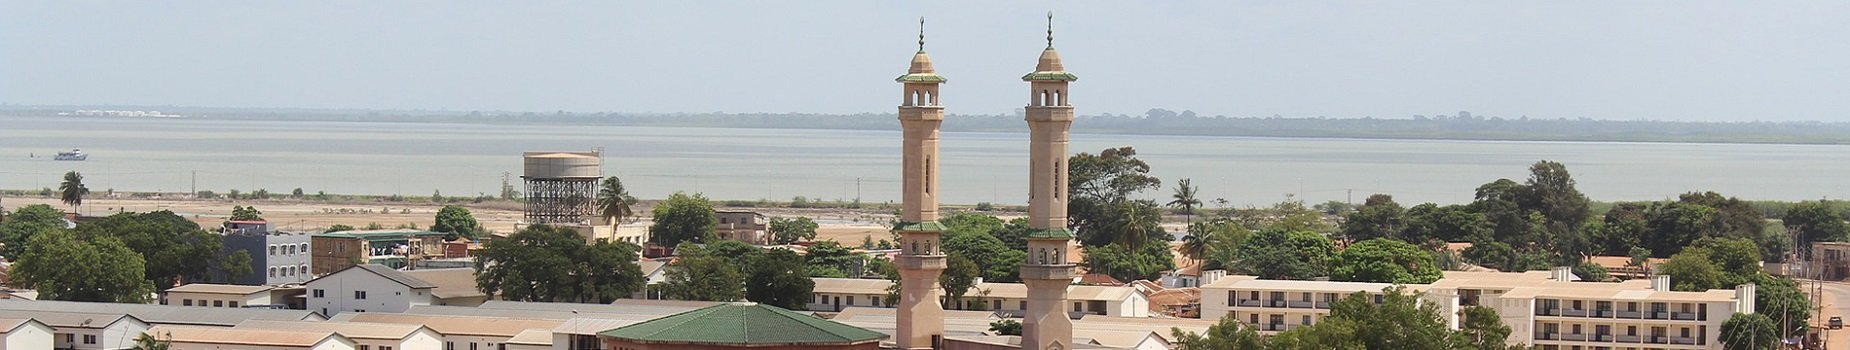 Vliegvelden Gambia